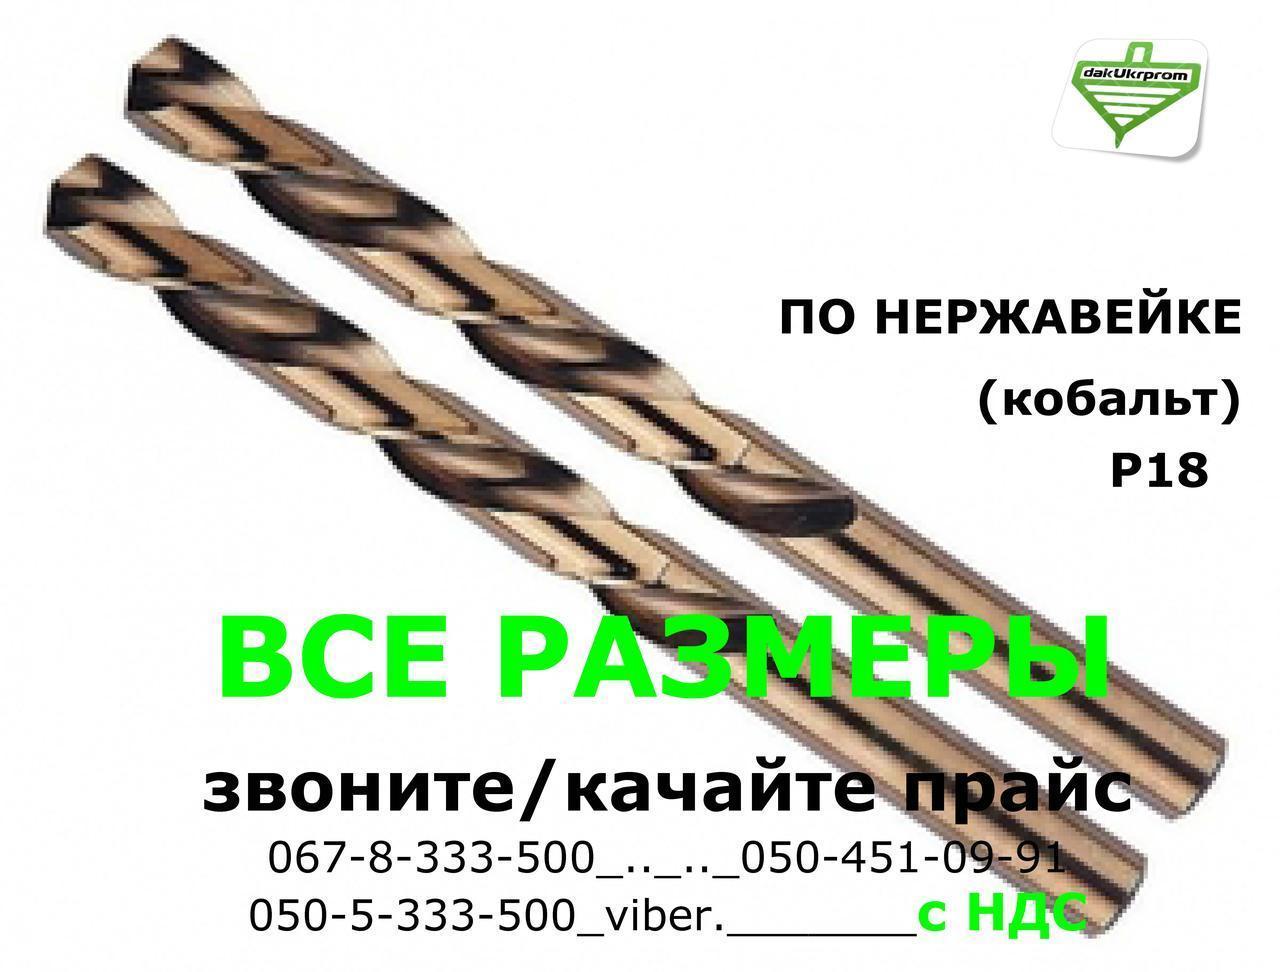 Сверло по нержавейке Р18 - 5,1 мм, (кобальт) промышленного назначения ГОСТ-10902 (DIN338 G-Co)